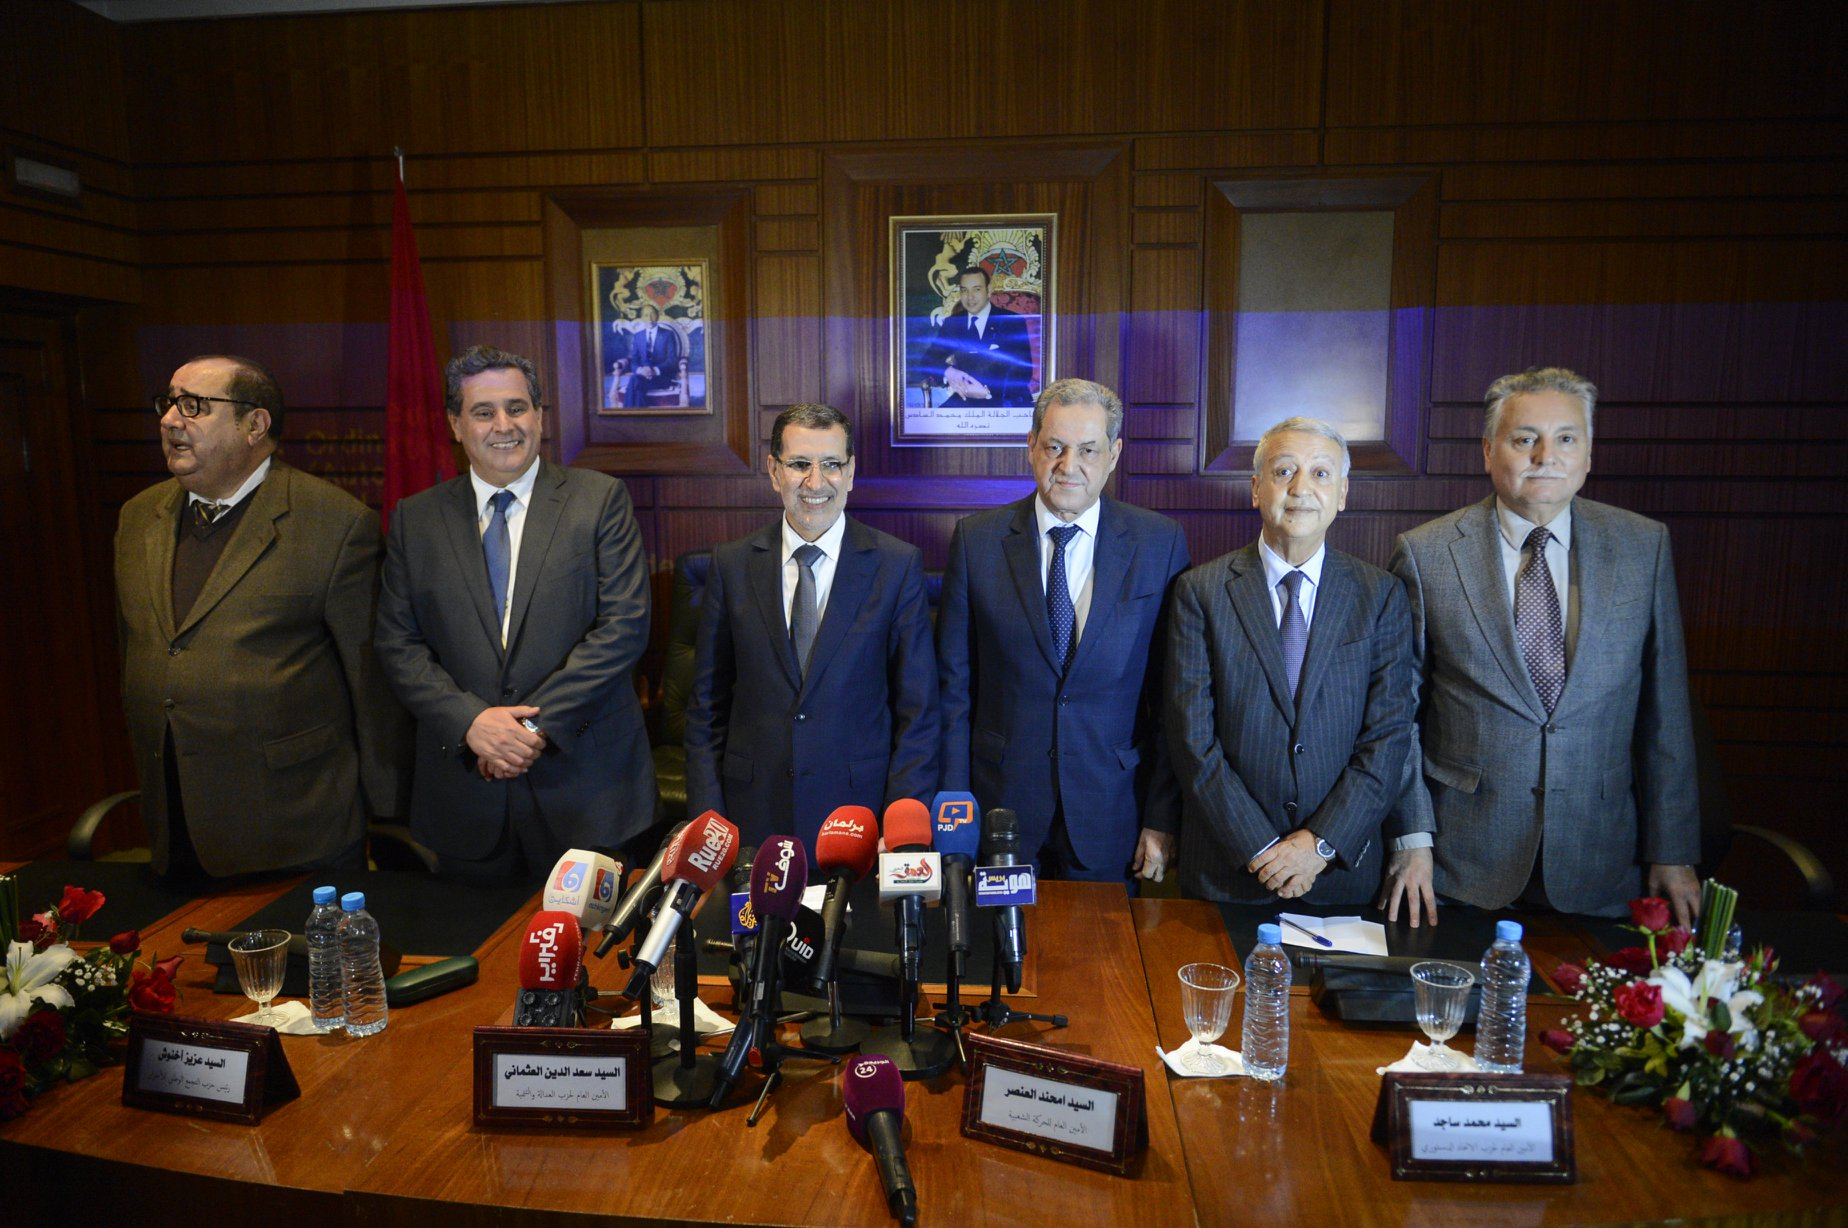 اليونسي: التعديل الحكومي لا يمثل في حد ذاته تحولًا جوهريًا في الحقل السياسي المغربي